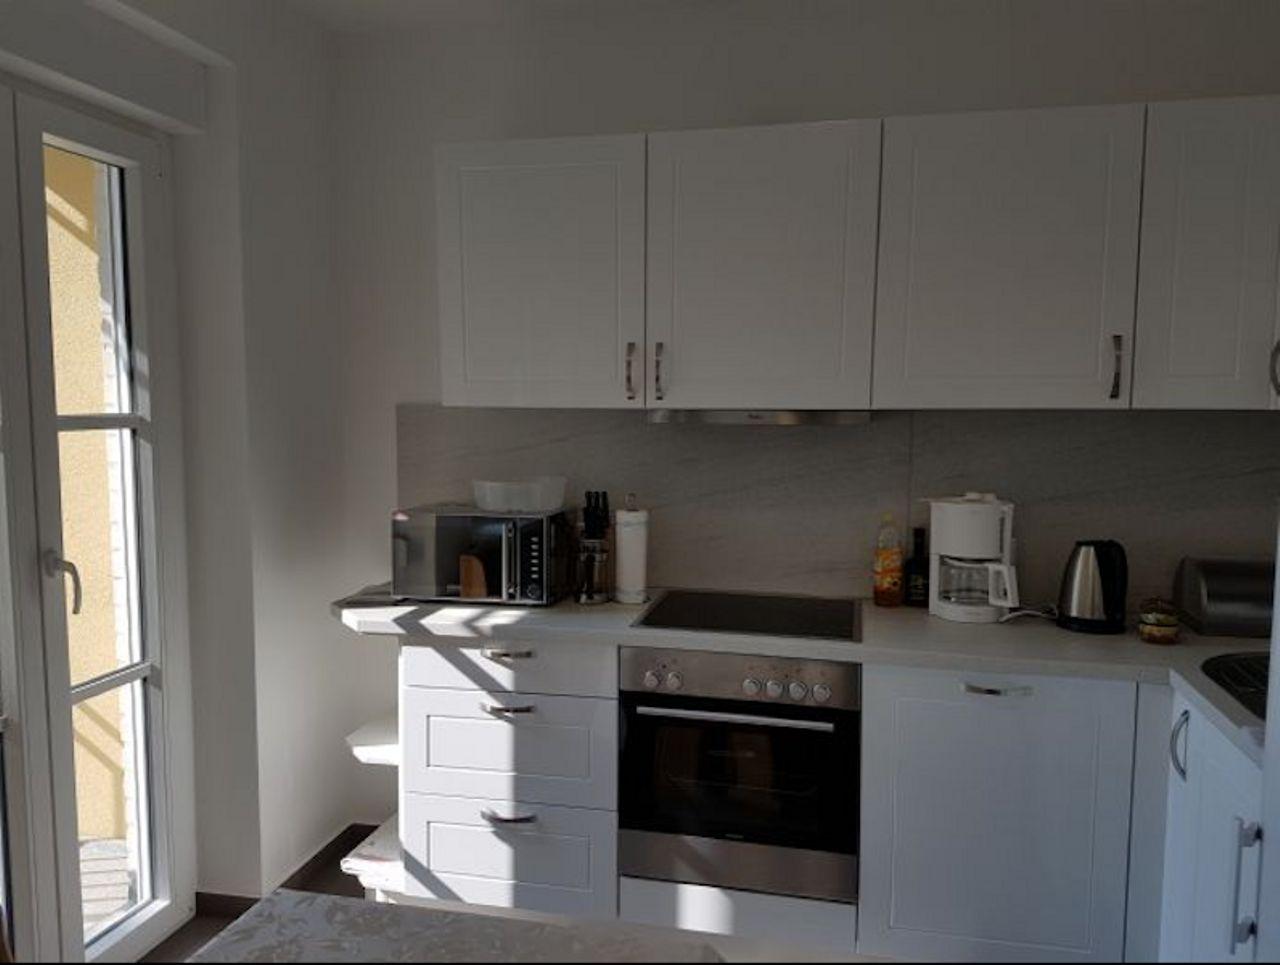 Ungewöhnlich Dm Design Küchen Und Bäder Fotos - Ideen Für Die Küche ...